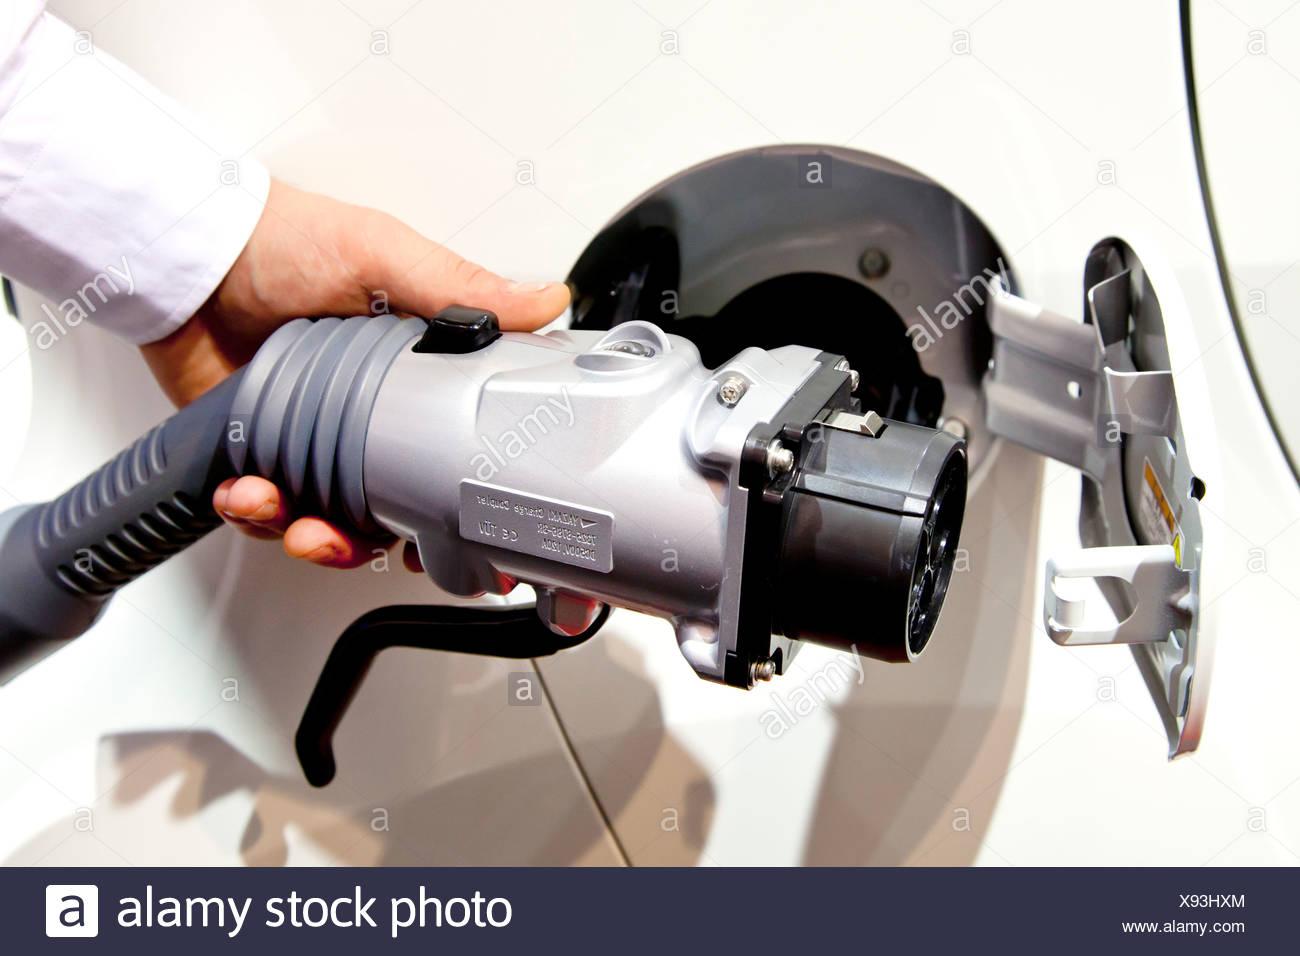 La carica con un caricabatterie rapido, ricarica rapida, carica plug, impugnatura a pistola il caricabatterie su un auto elettrica Immagini Stock